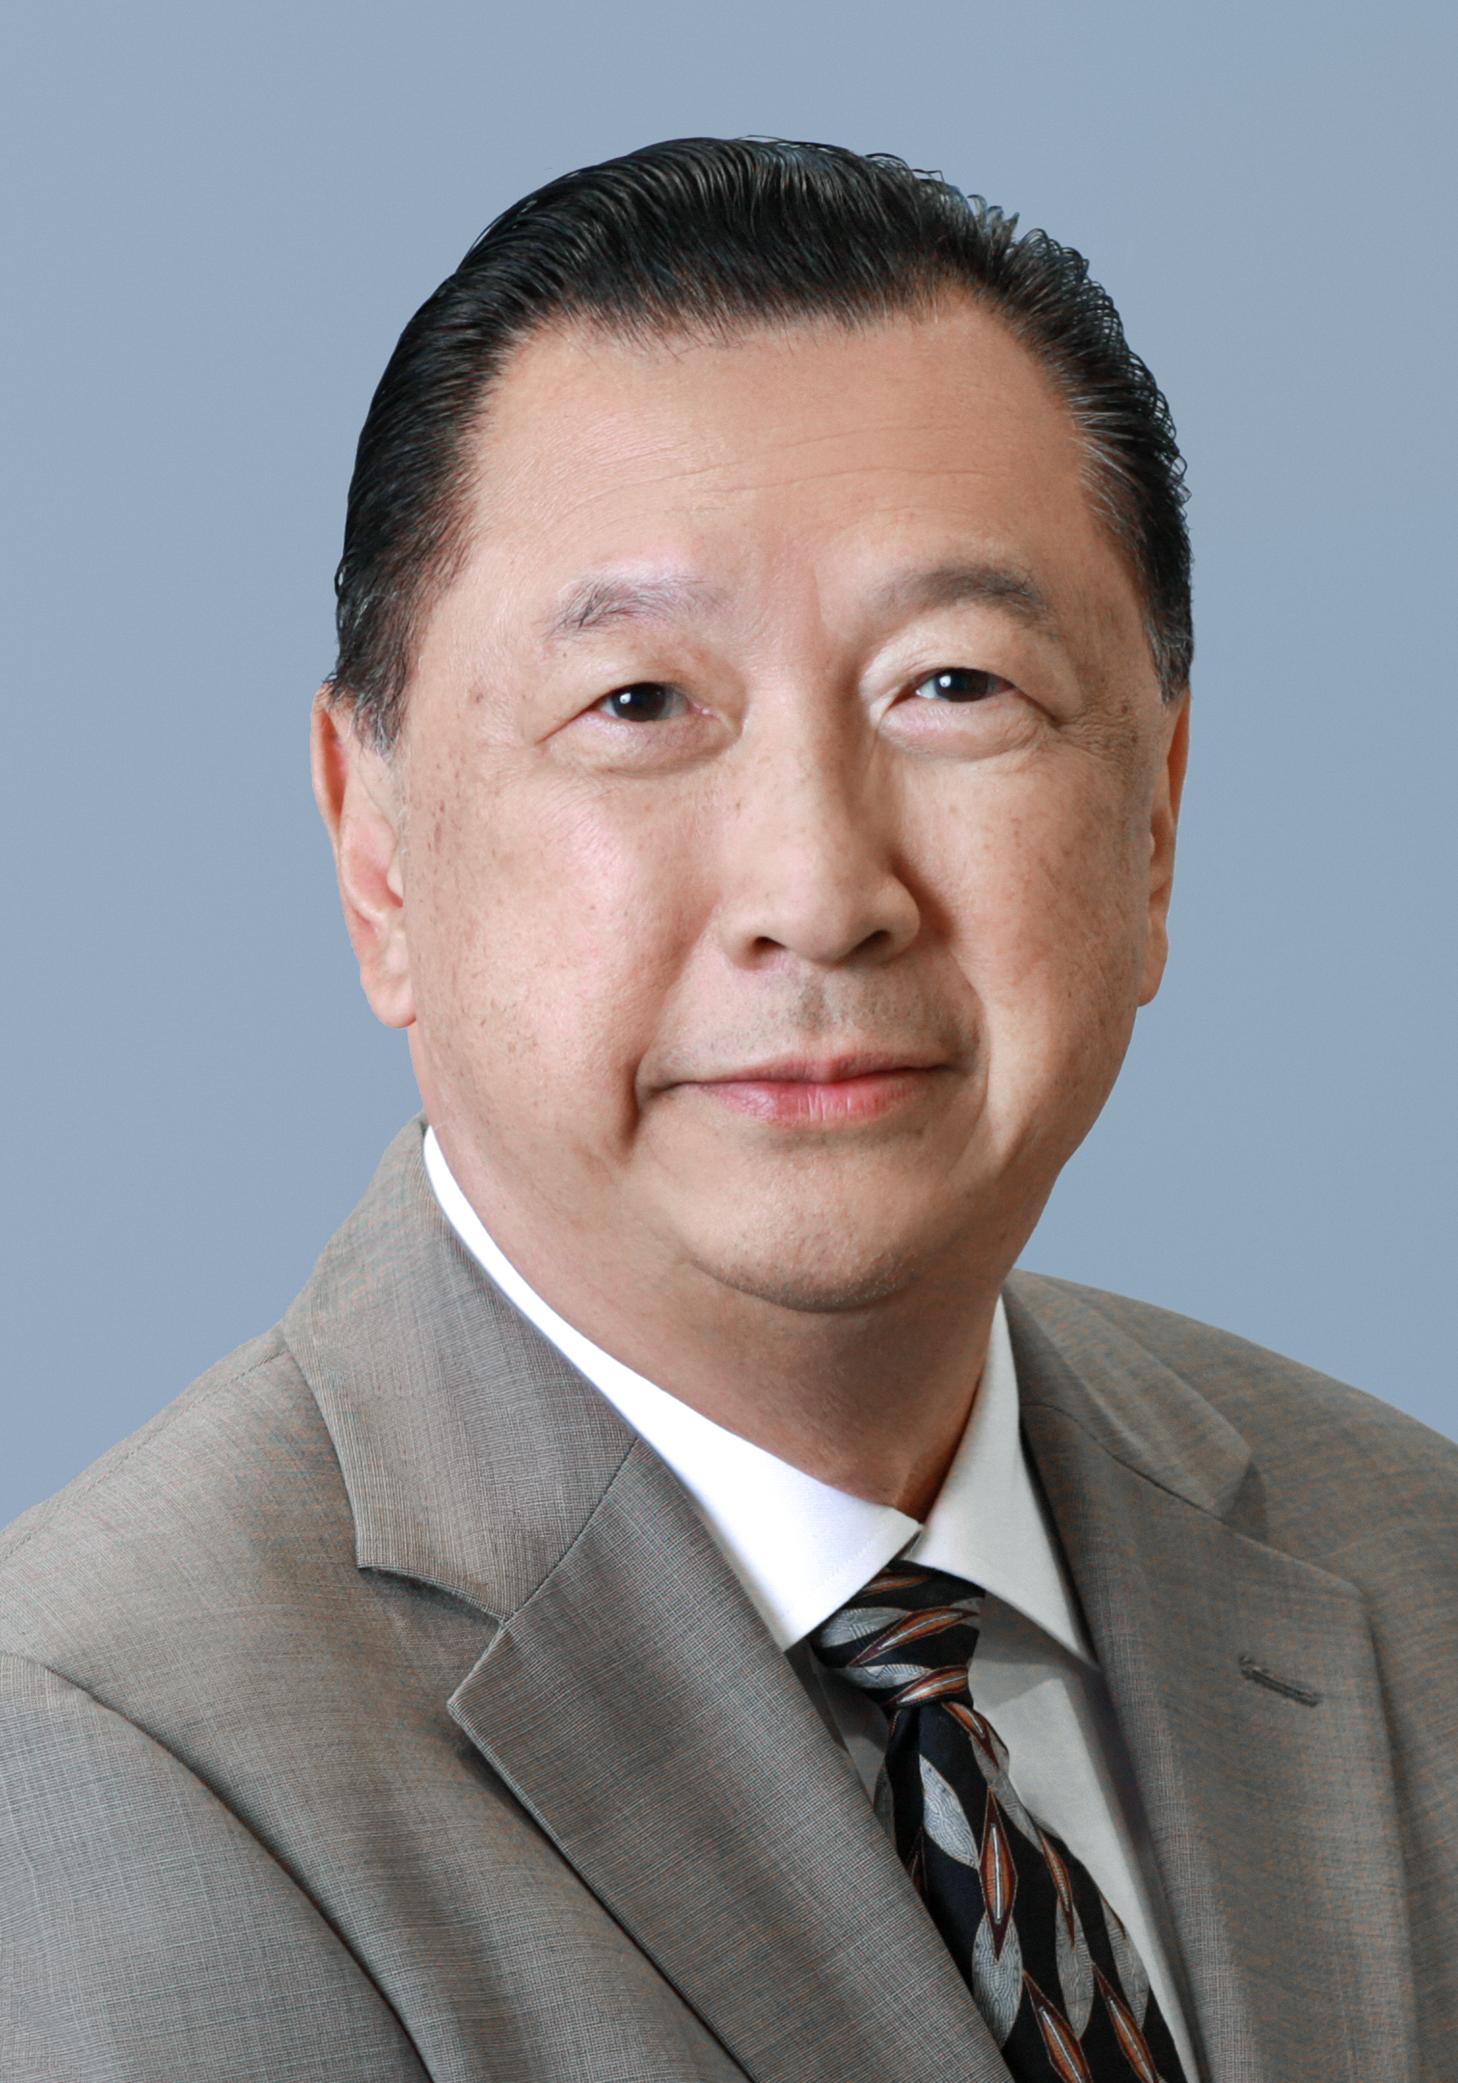 CEO Dr. Desmond Thio